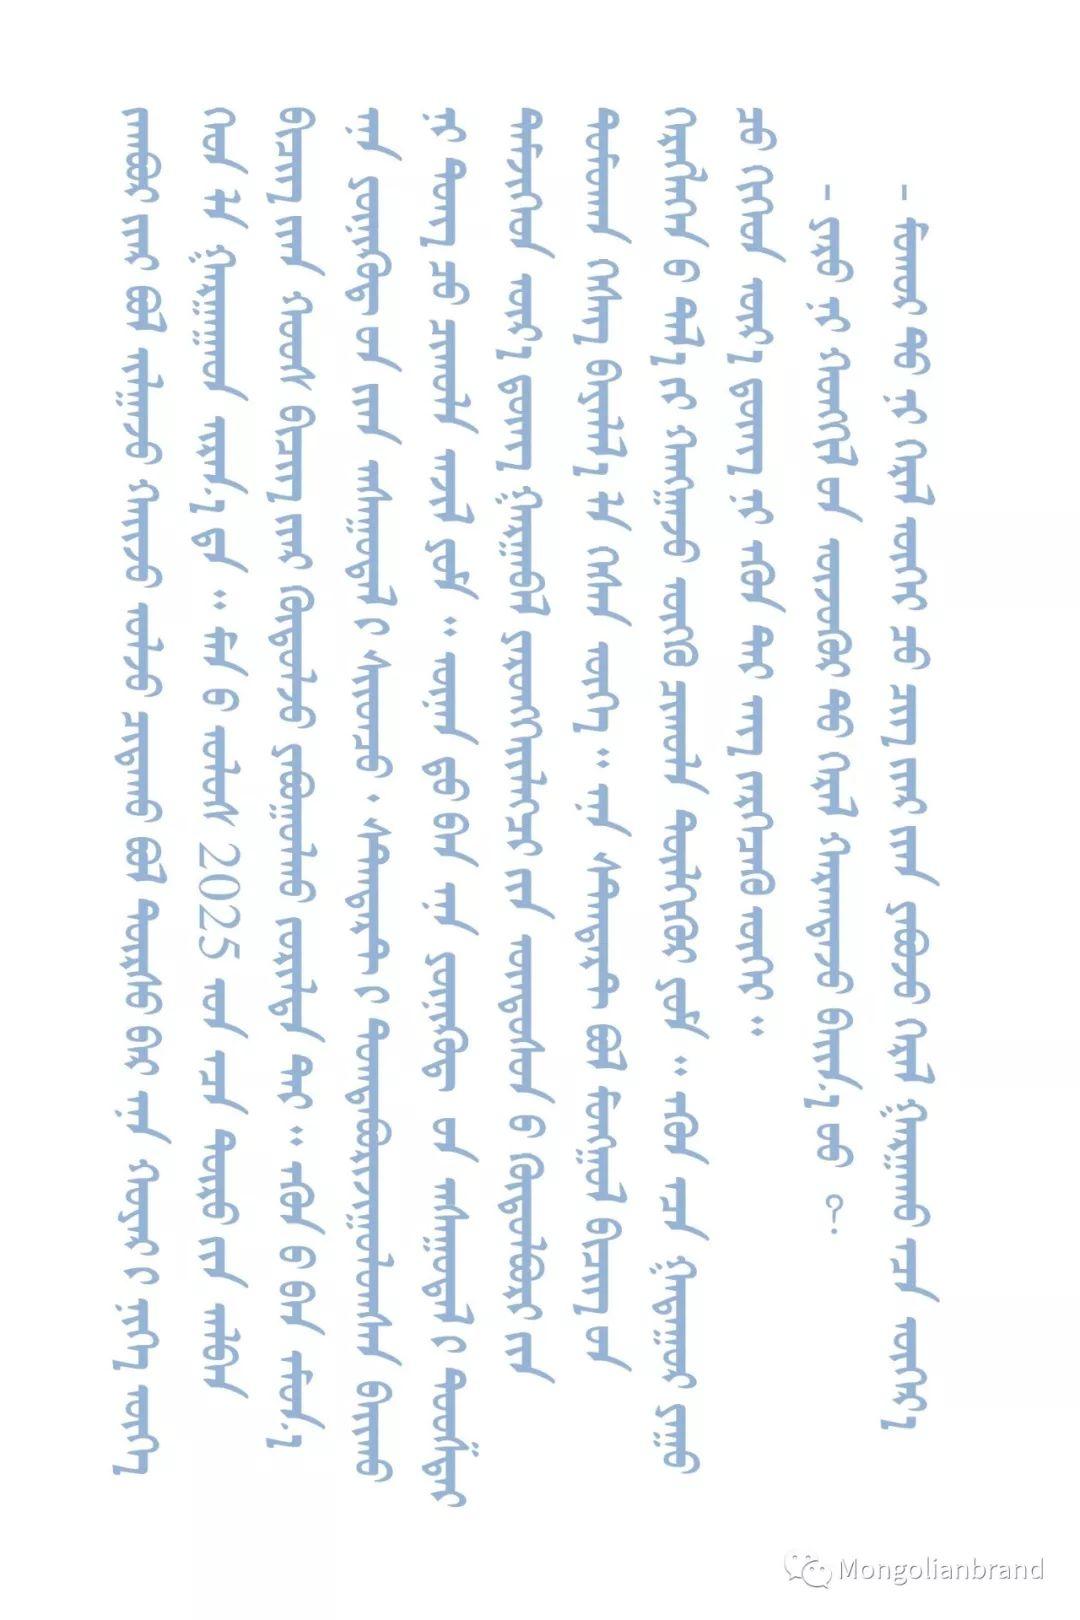 蒙古字体设计专家Jamiyansuren:让每个蒙古人掌握传统蒙古文是我们的终极目标 第12张 蒙古字体设计专家Jamiyansuren:让每个蒙古人掌握传统蒙古文是我们的终极目标 蒙古文化